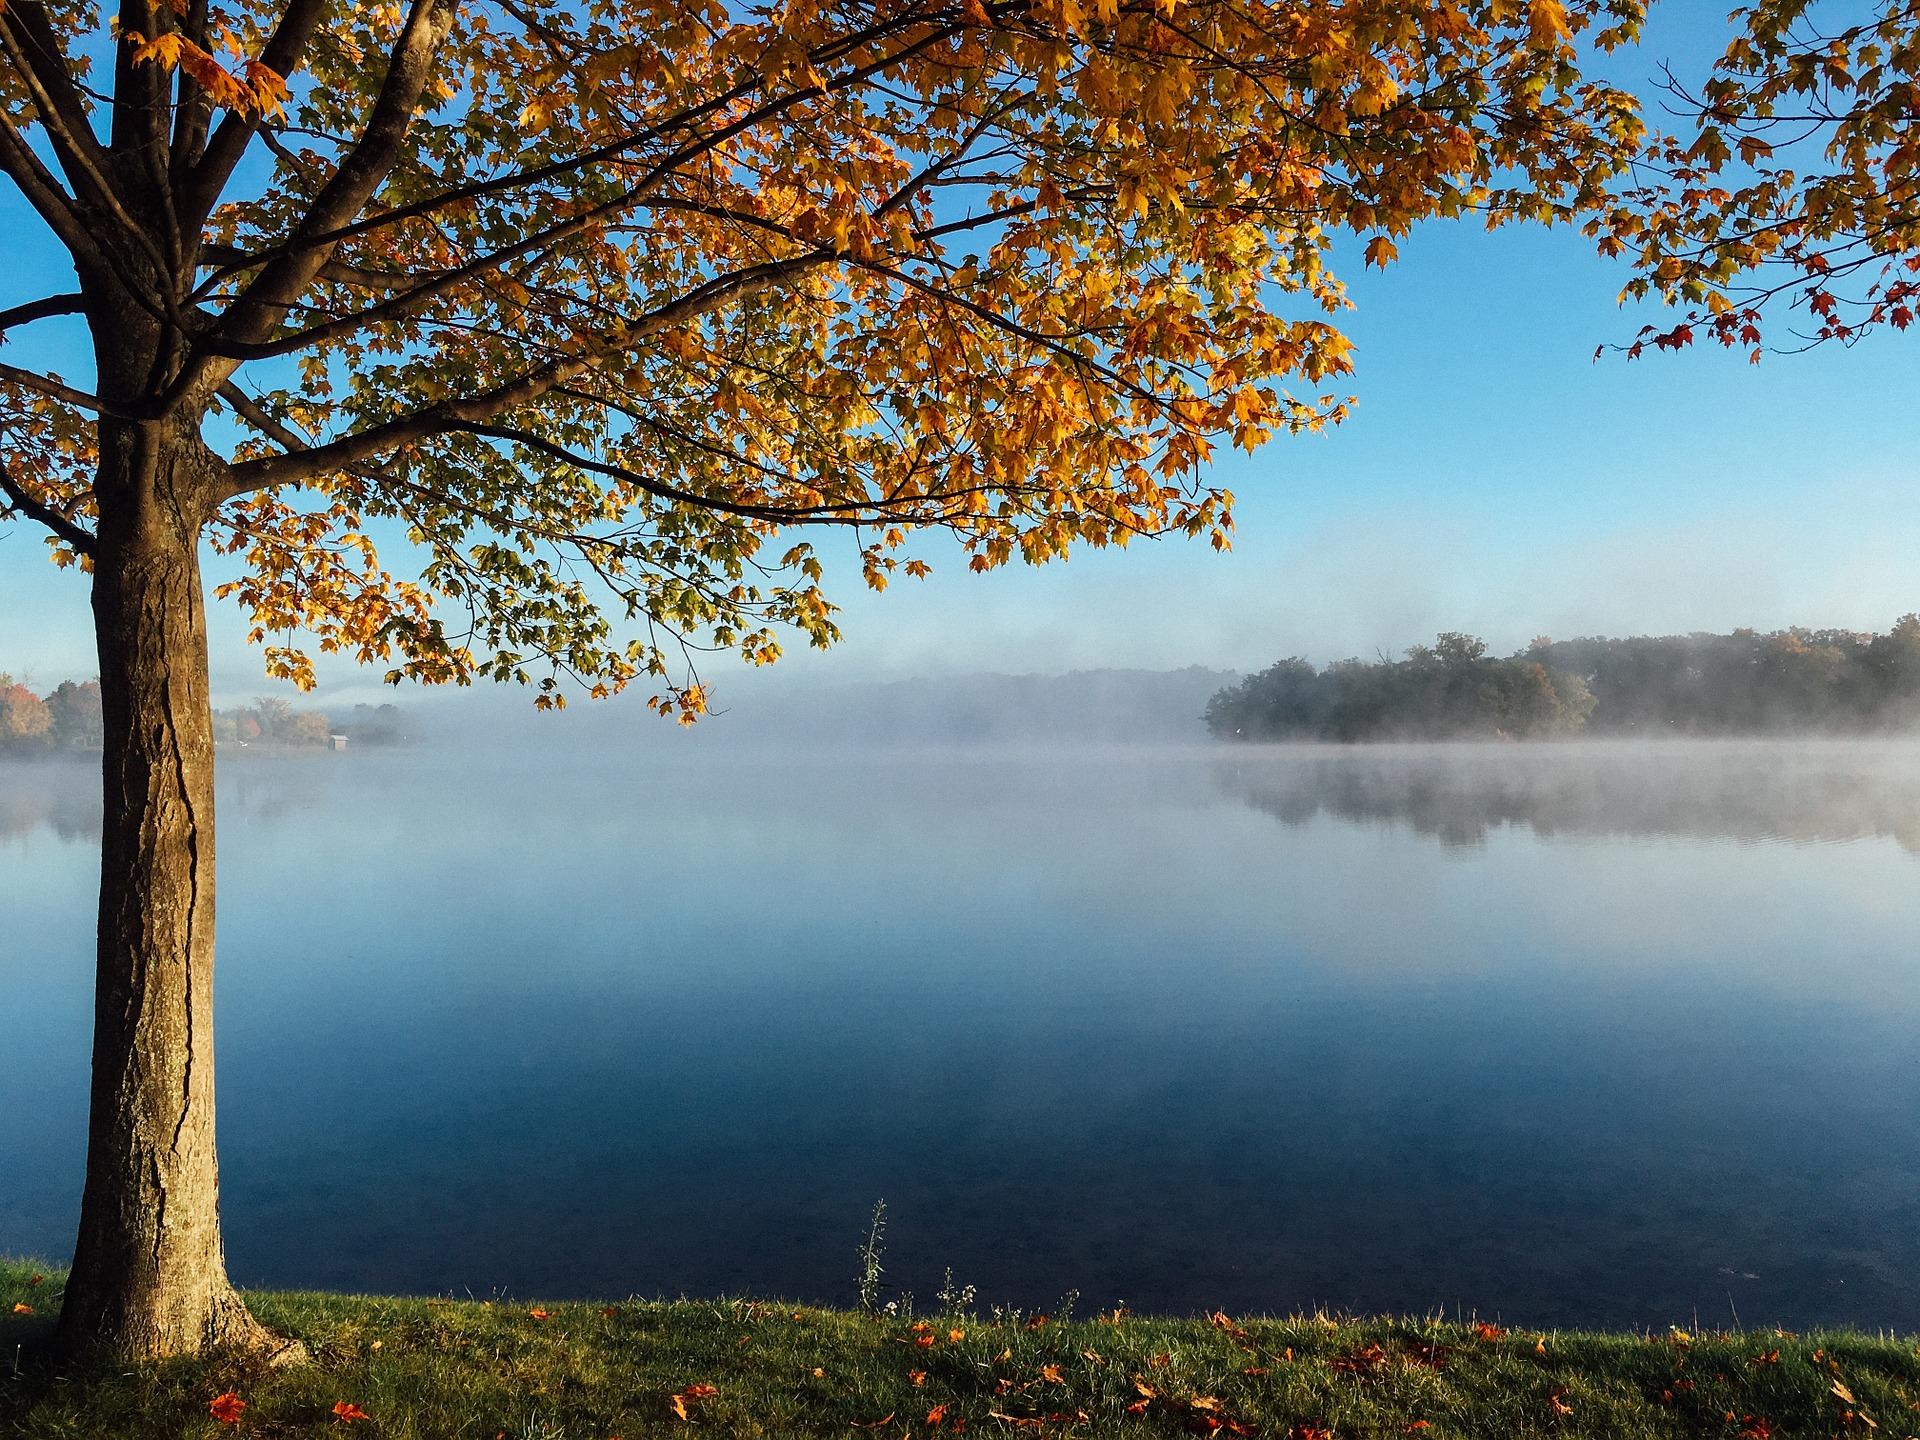 lake-983924_1920.jpg